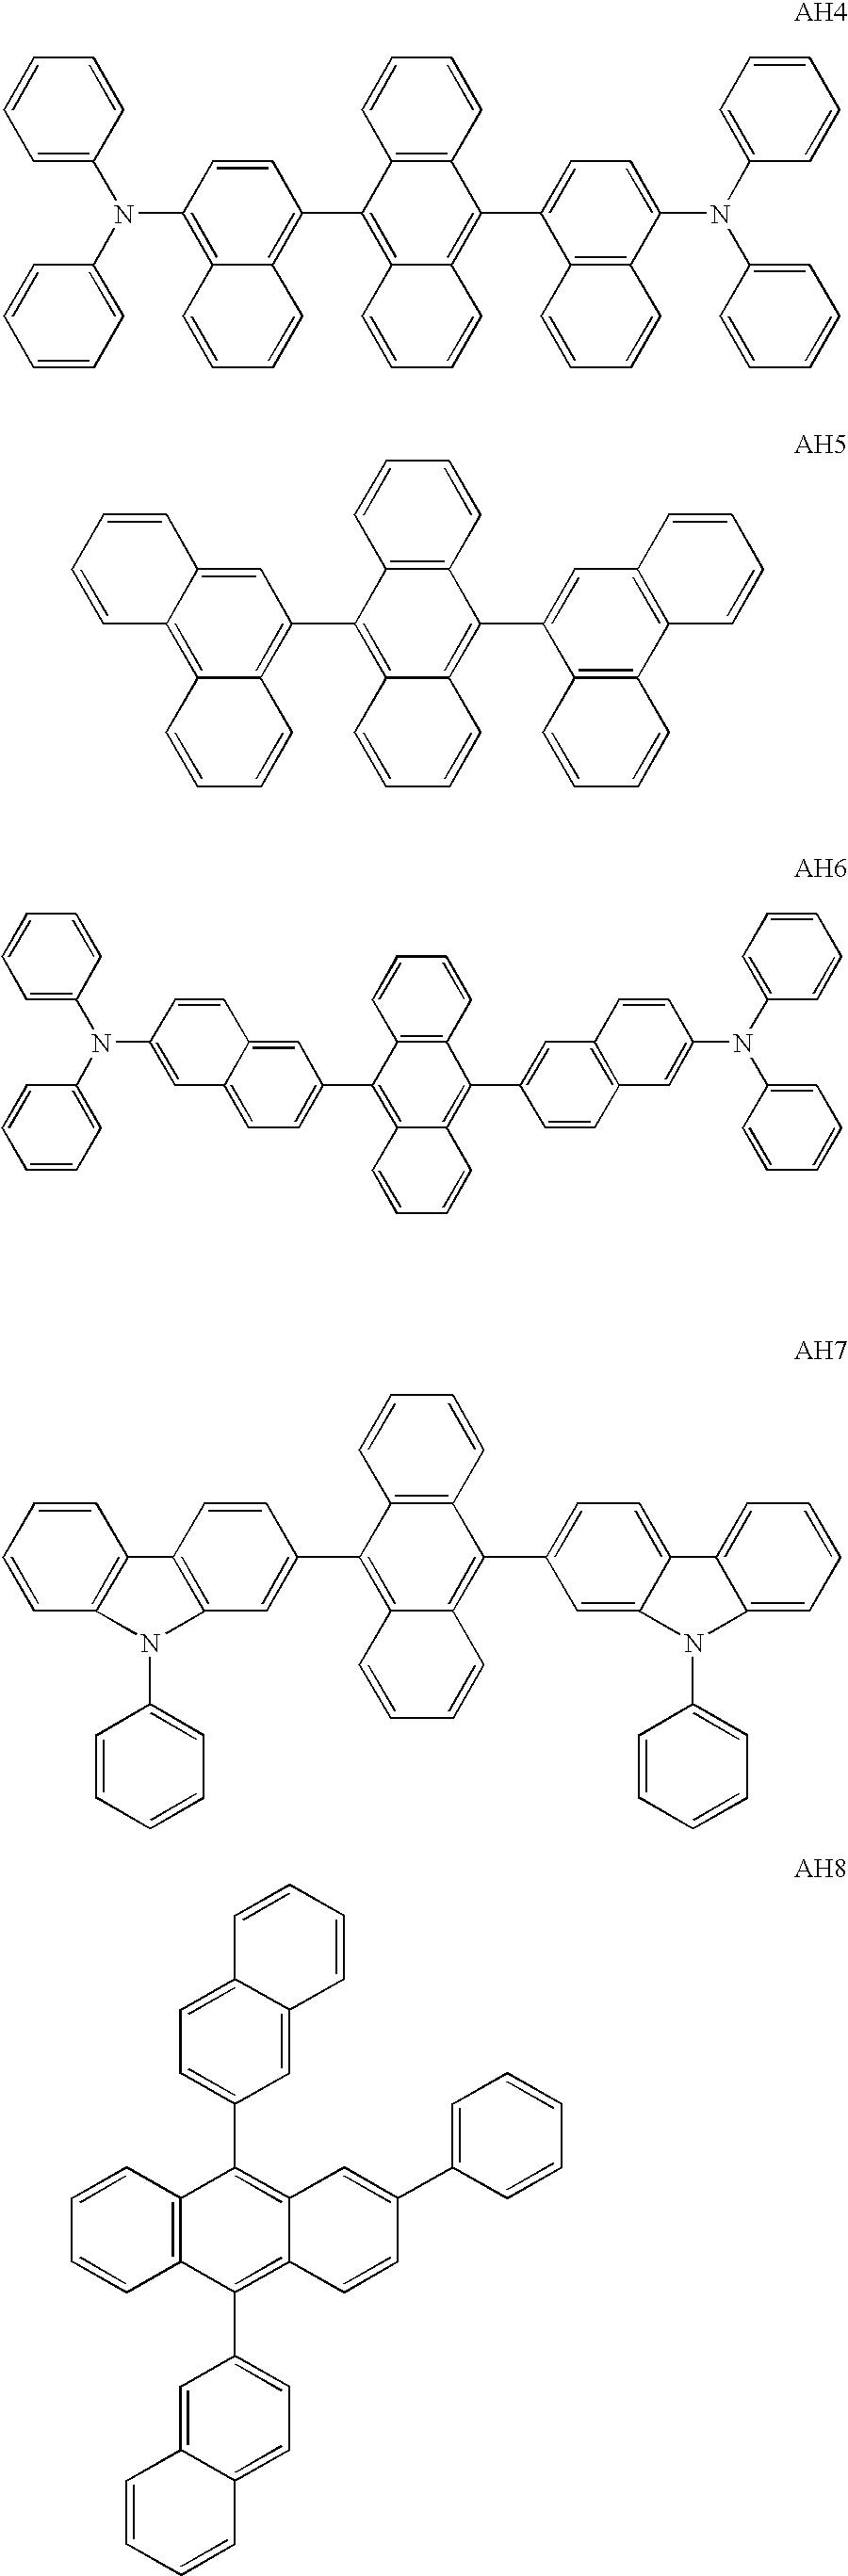 Figure US20070048545A1-20070301-C00039